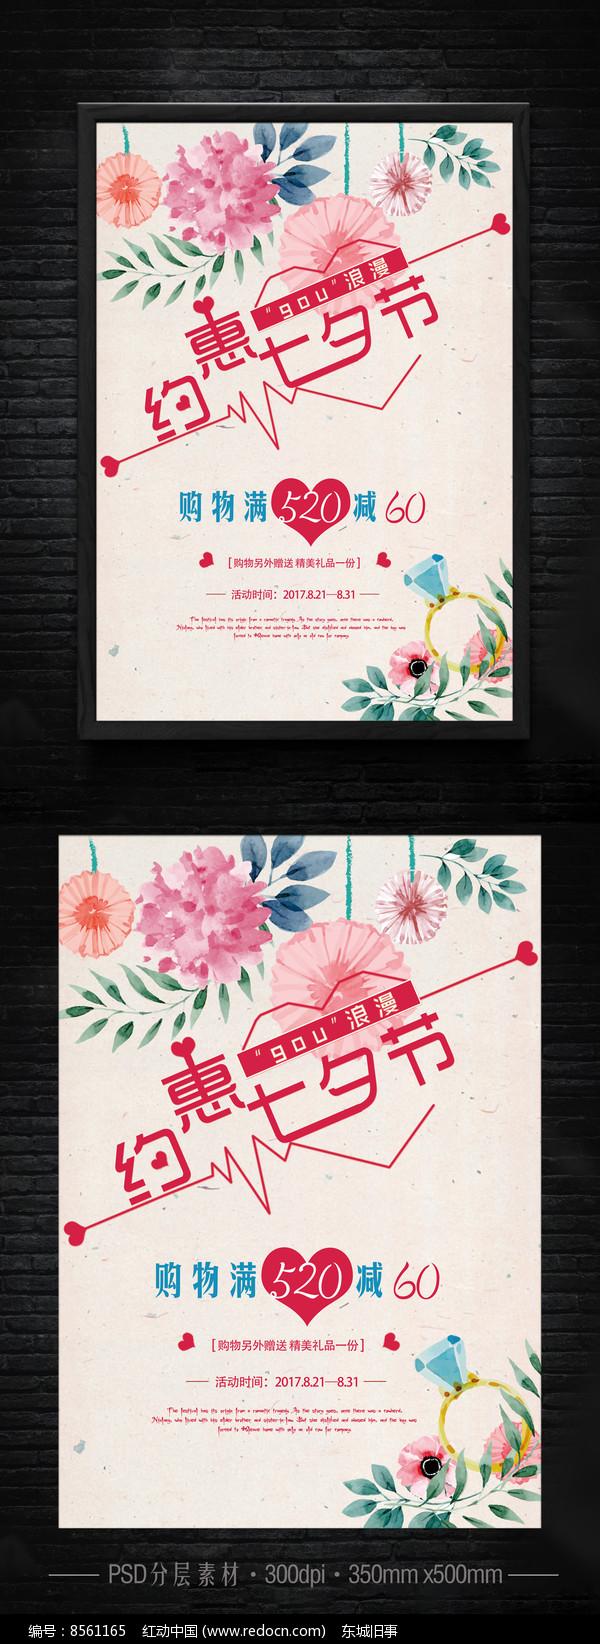 约惠七夕节海报图片